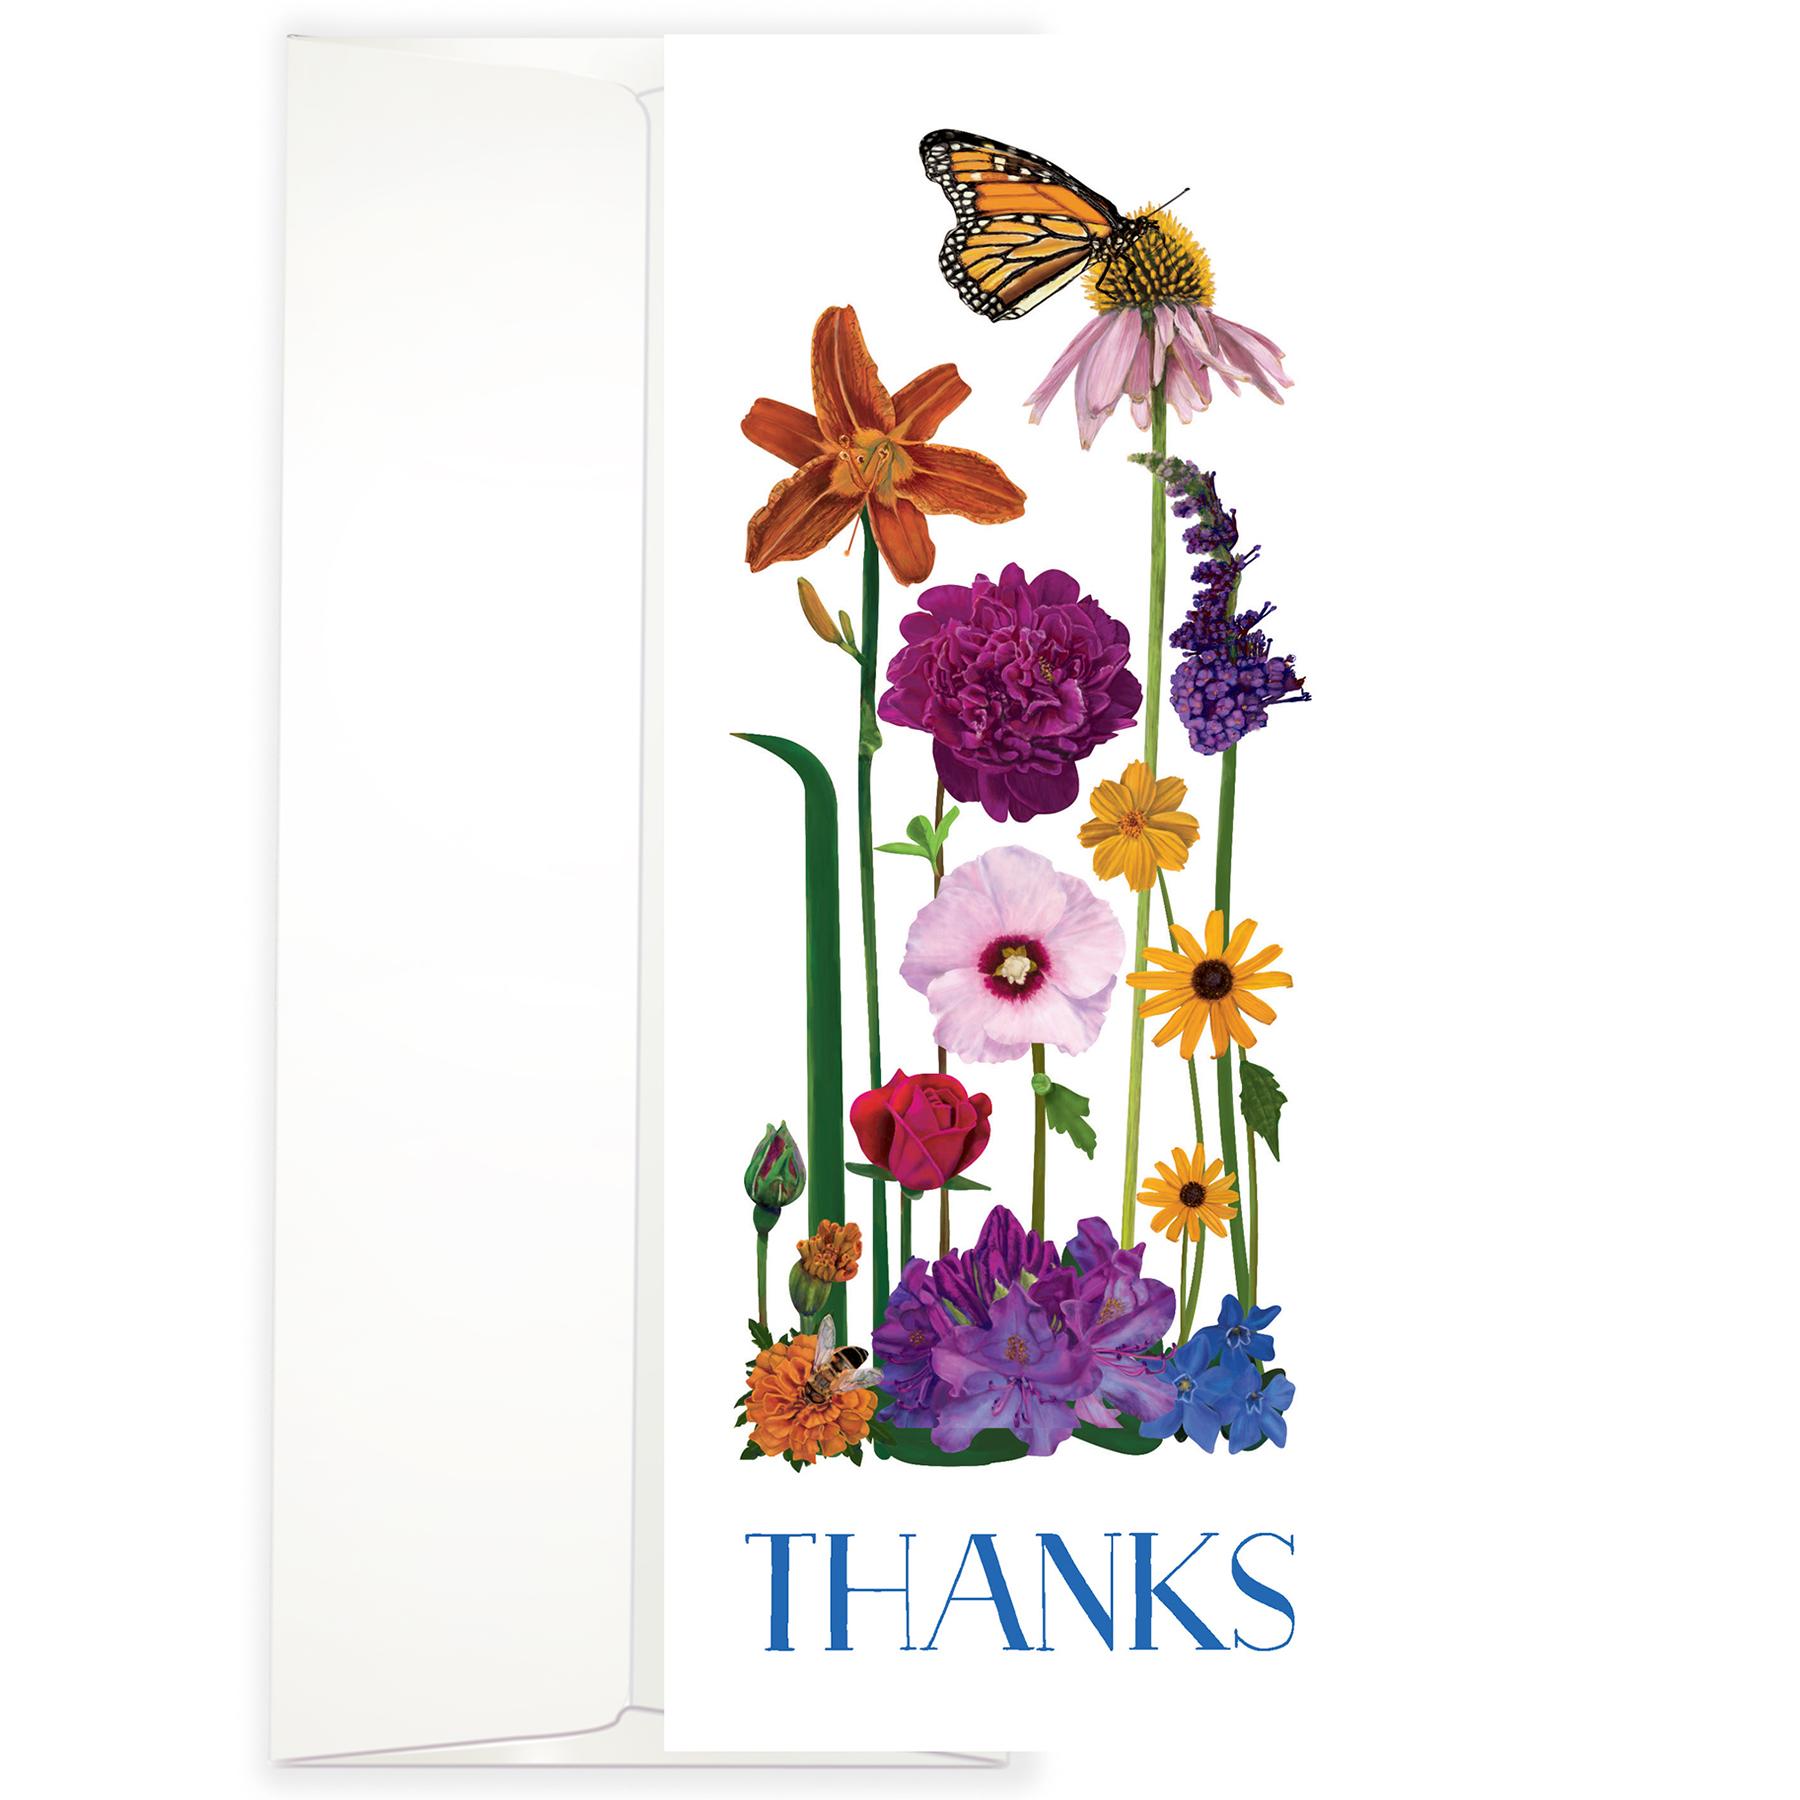 Botanical Thanks Greeting Cards